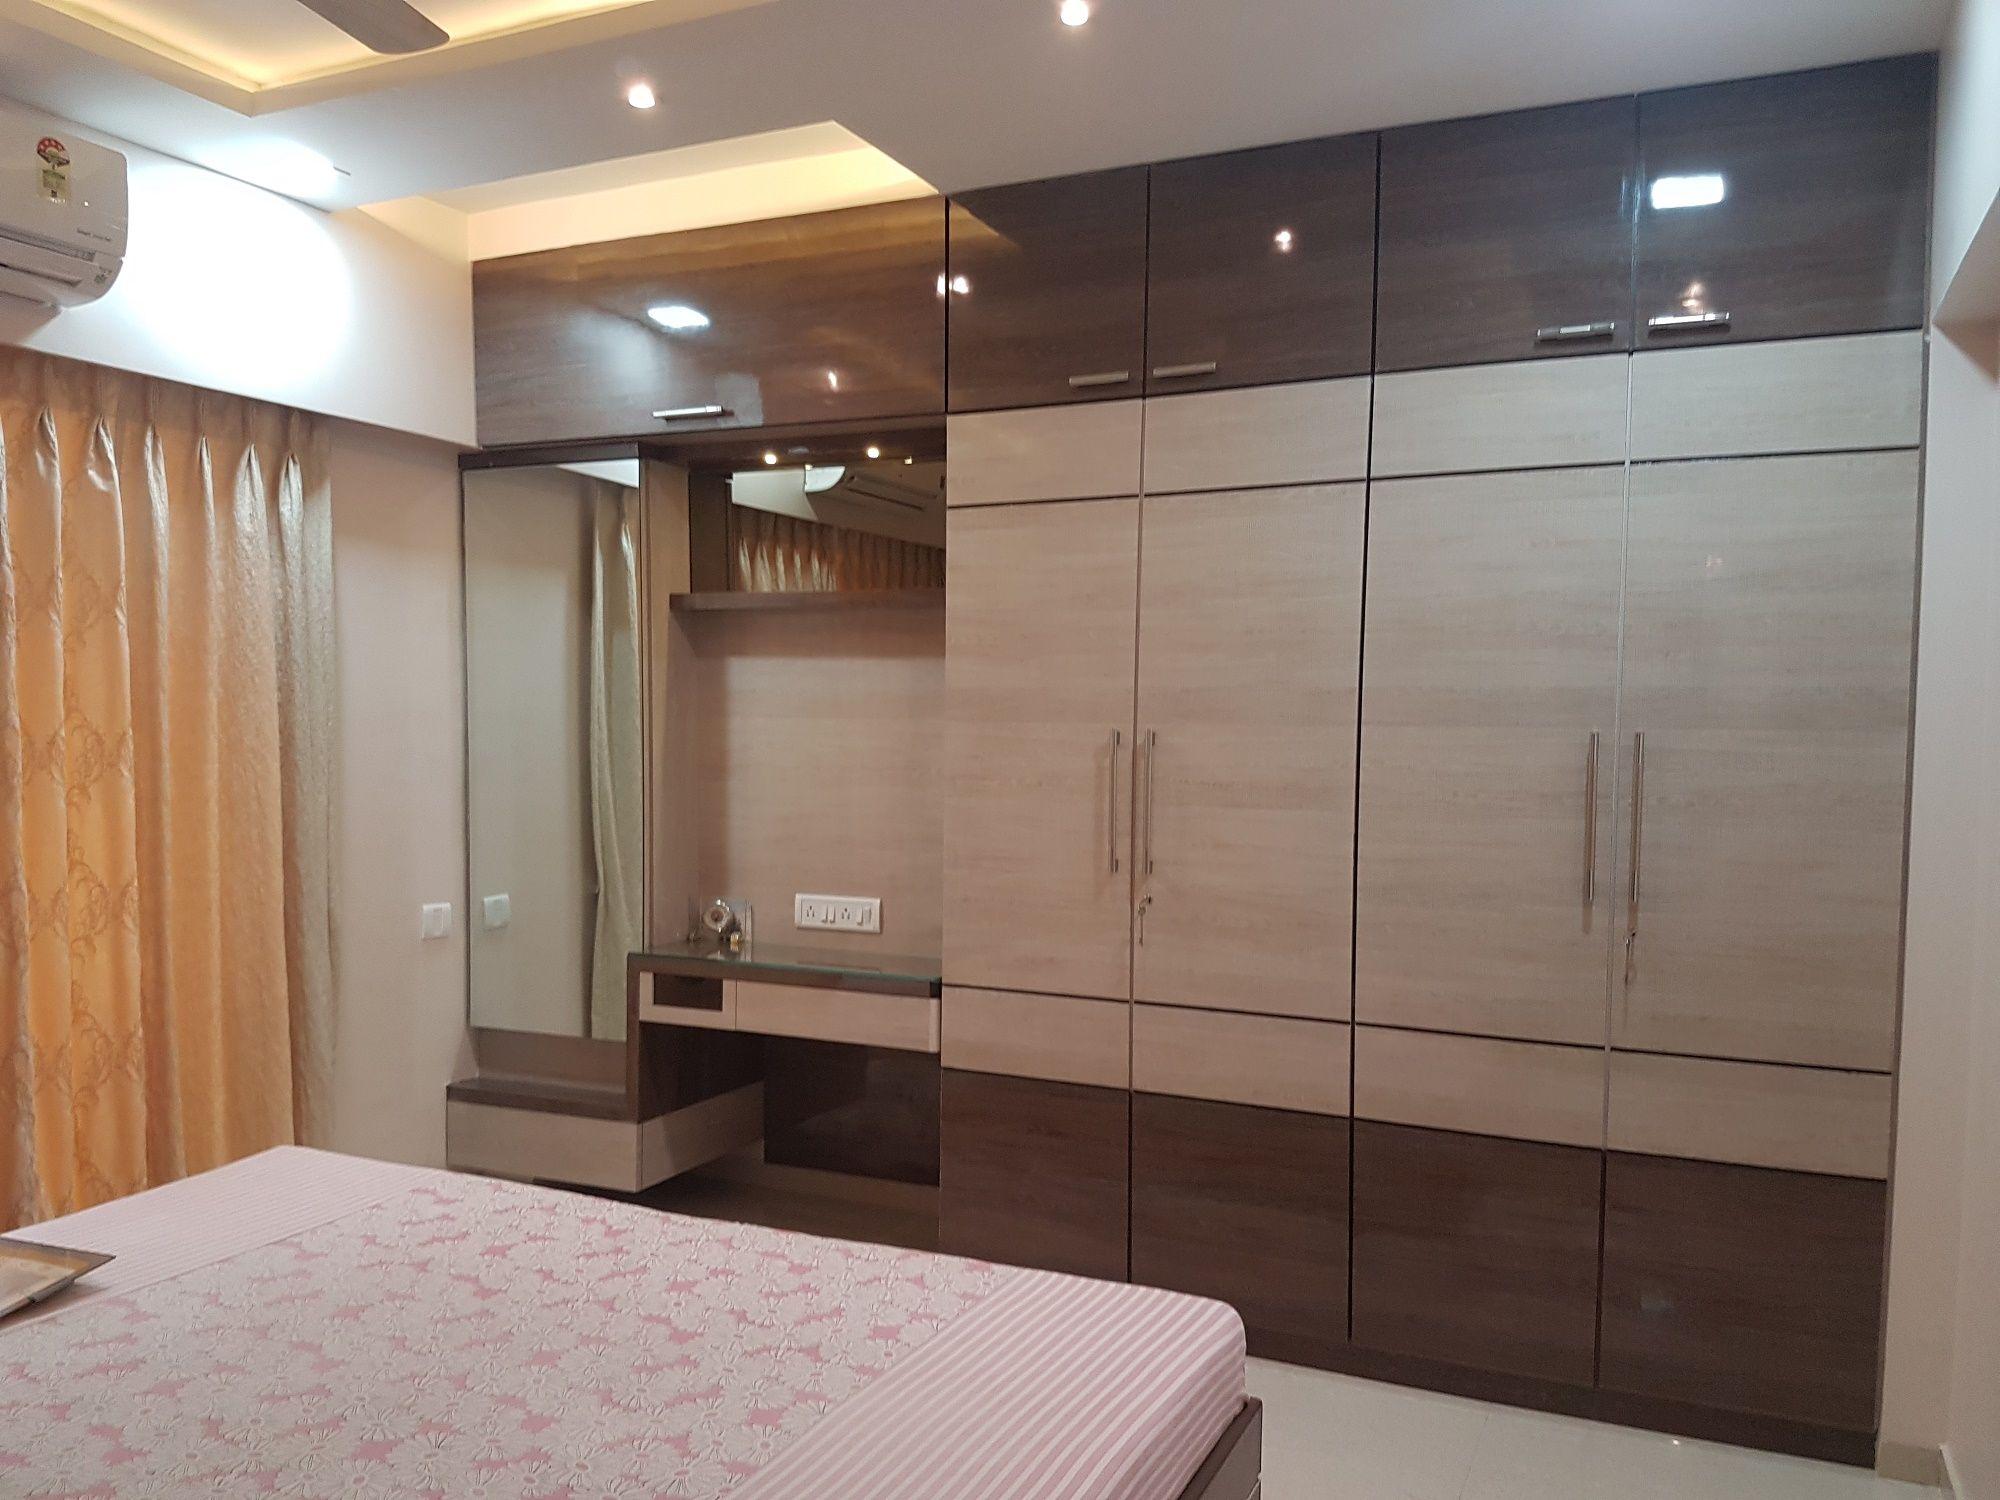 wardrobe design for bedroom  Bedrooms